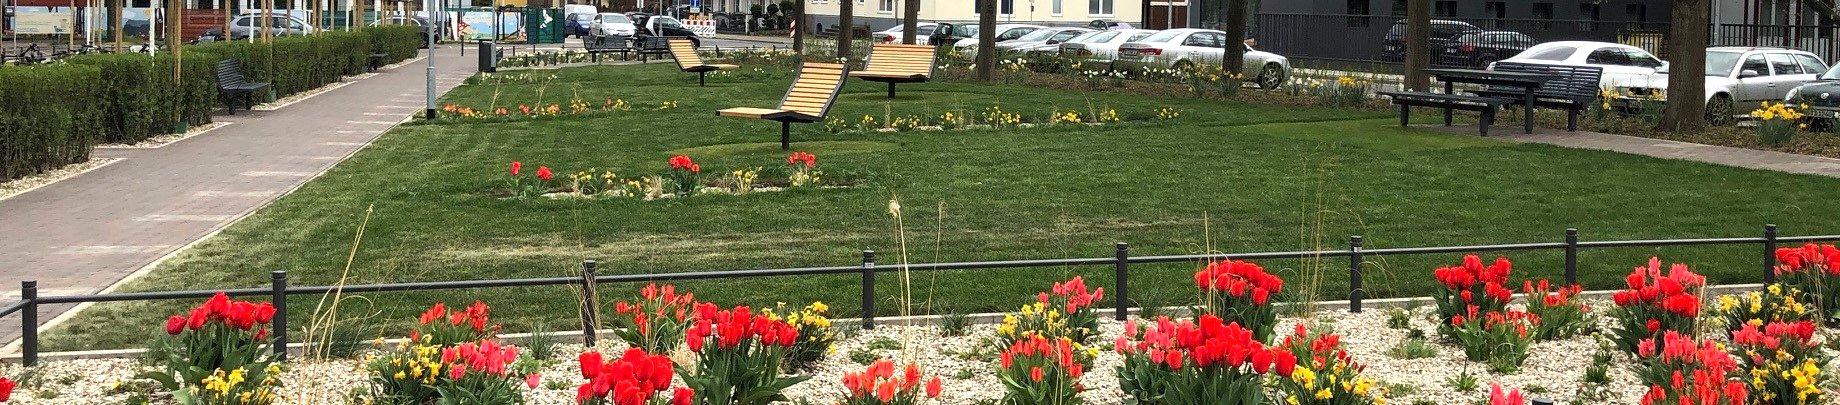 Hinter einem Pflanzbeet mit roten Tulpen und gelben Narzissen ist eine Rasenfläche. Auf dieser befinden sich drei Sitzelemente aus hellem Holz sowie weitere Pflanzbeete mit Tulpen und Narzissen. Umrahmt wird der Platz von einem Weg links, Parkplätzen hint